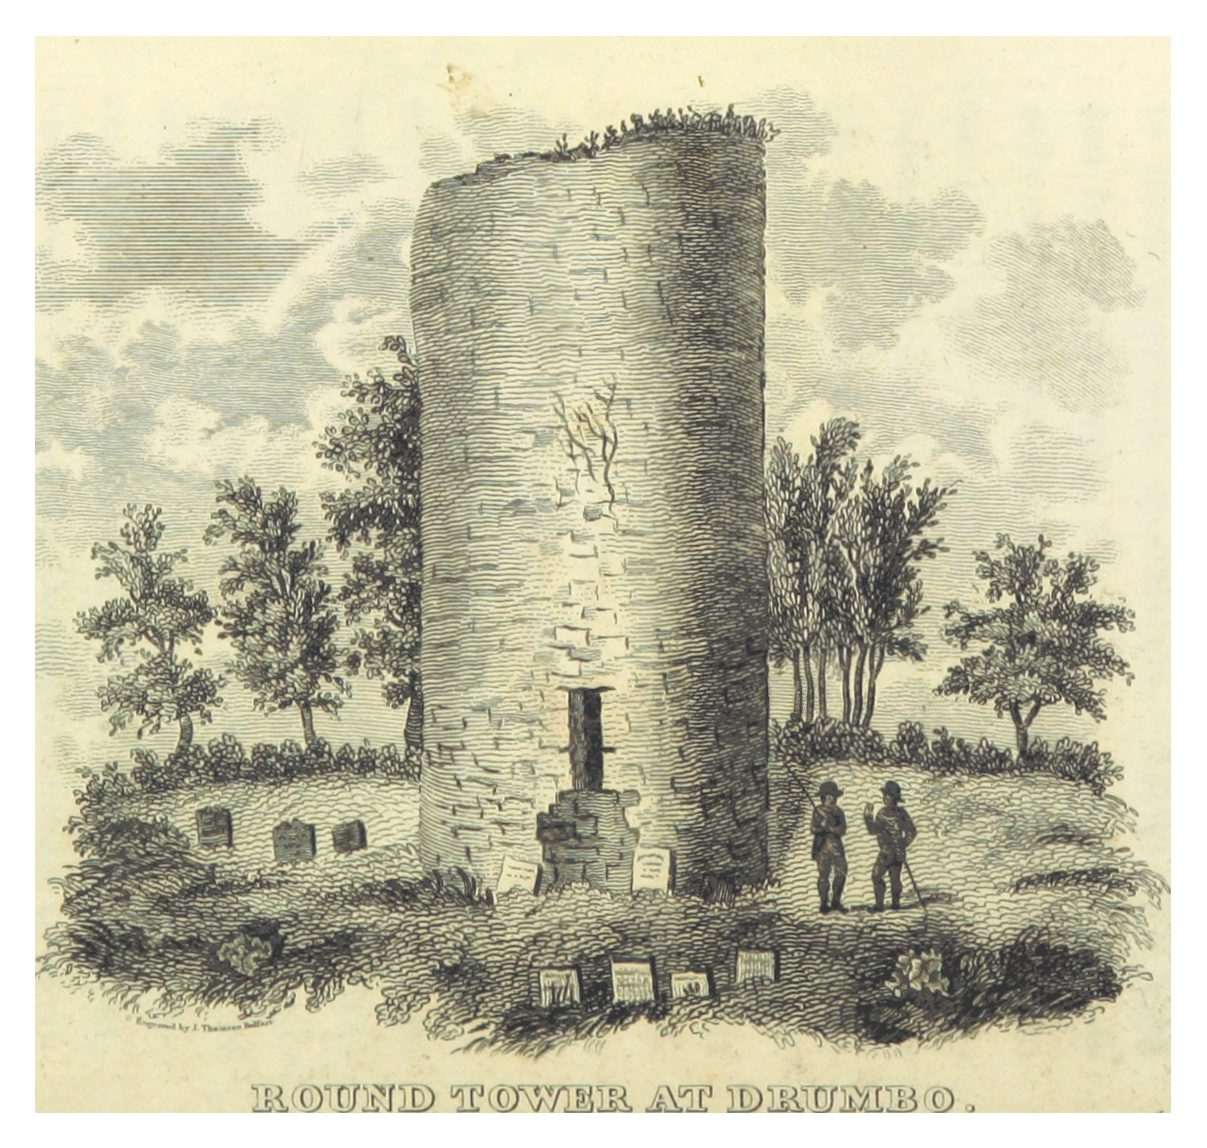 Drumbo round Tower